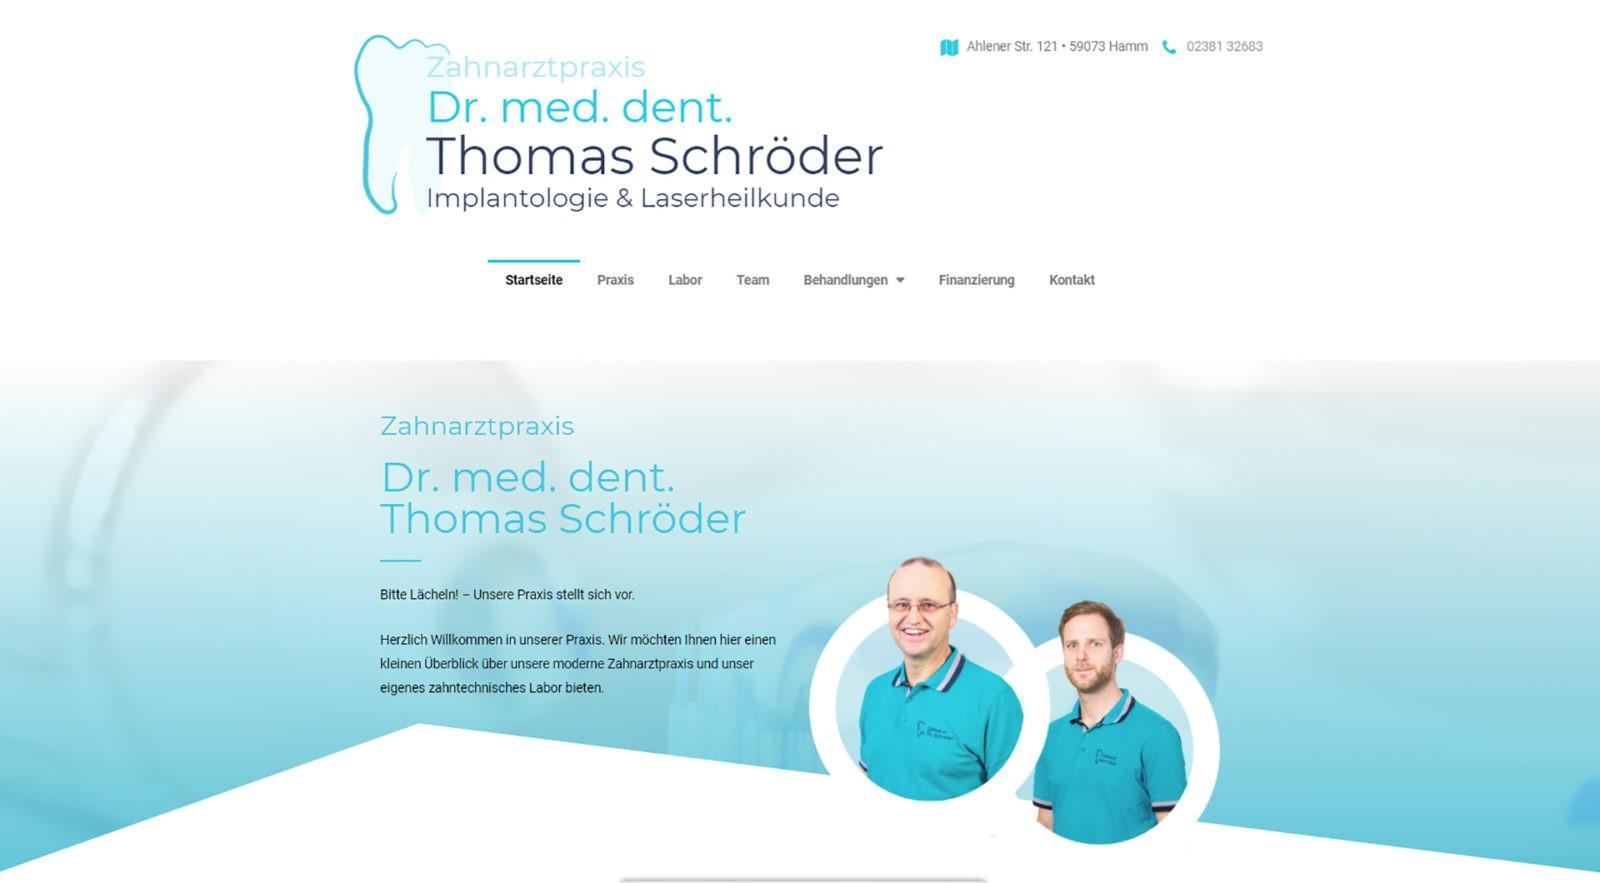 Zahnarztpraxis Dr. med. dent. Thomas Schröder